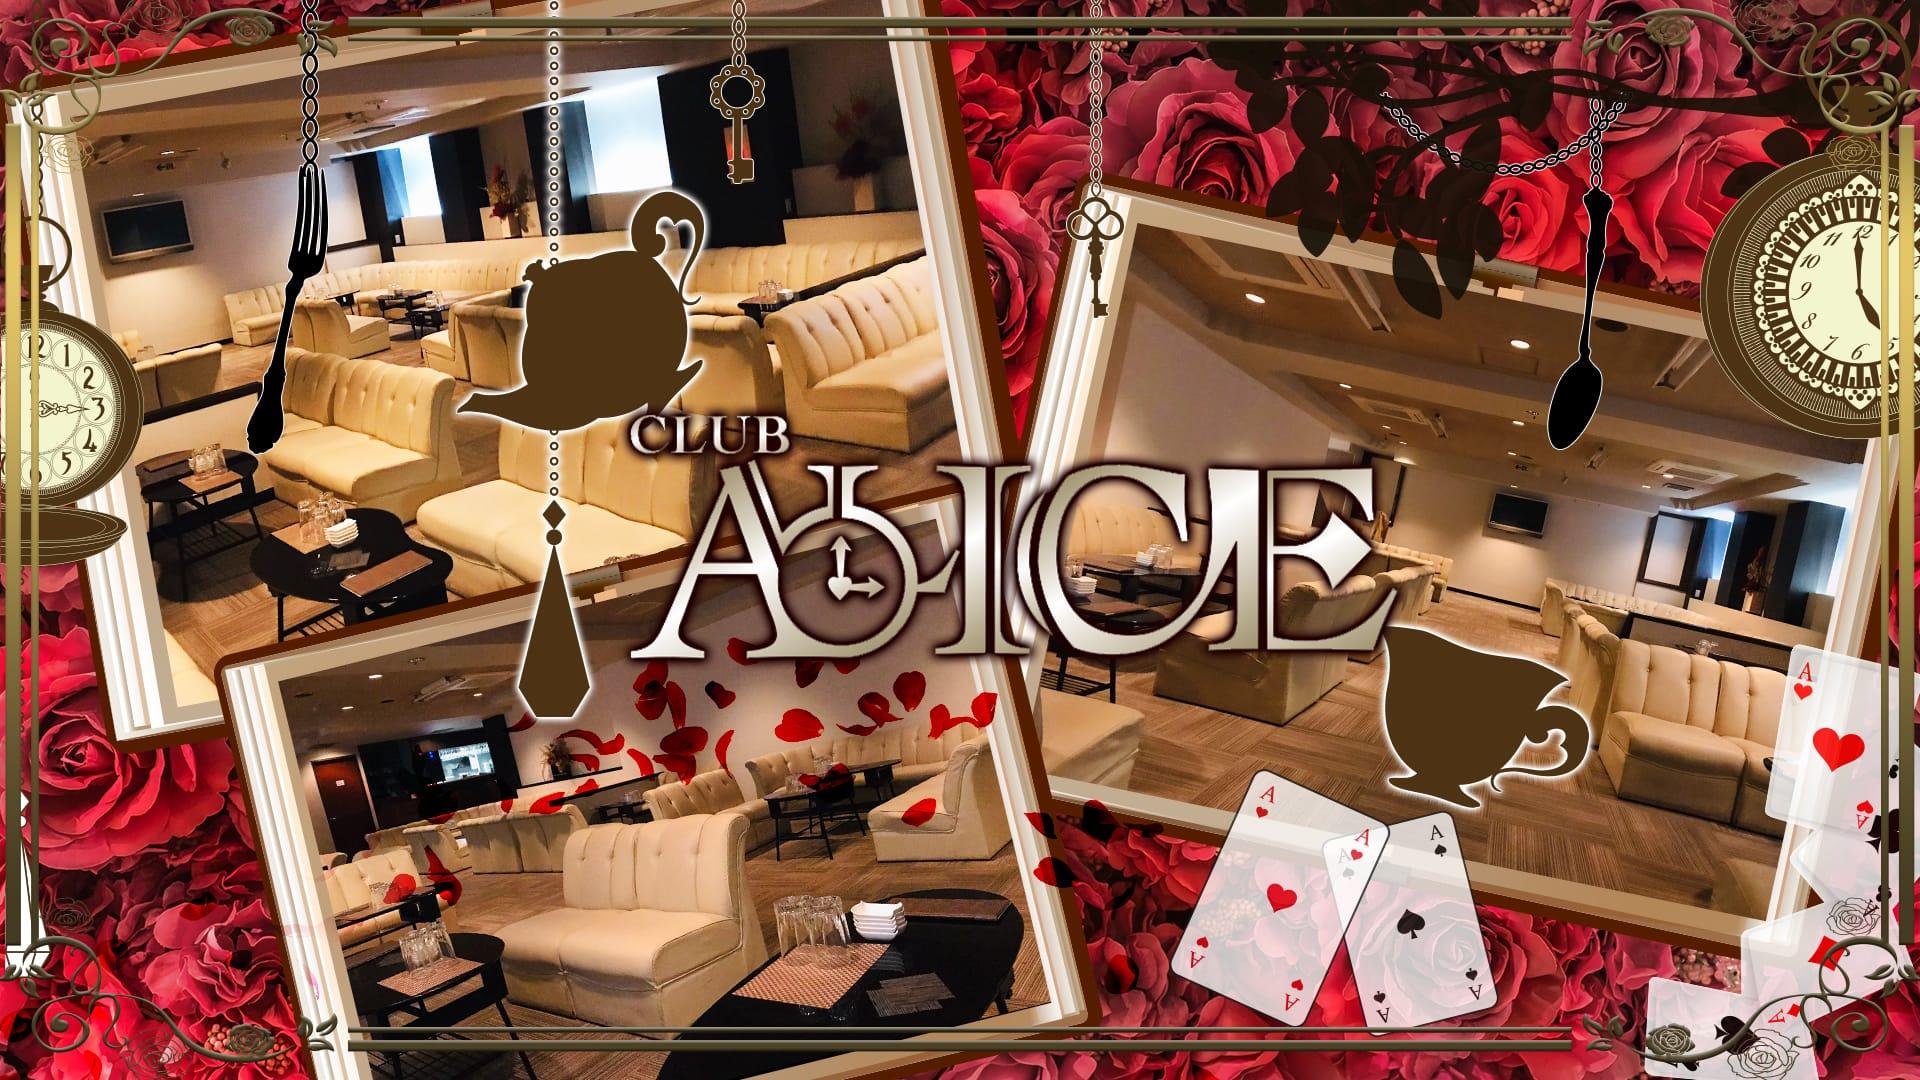 Club ALICE(アリス) 浜松キャバクラ TOP画像